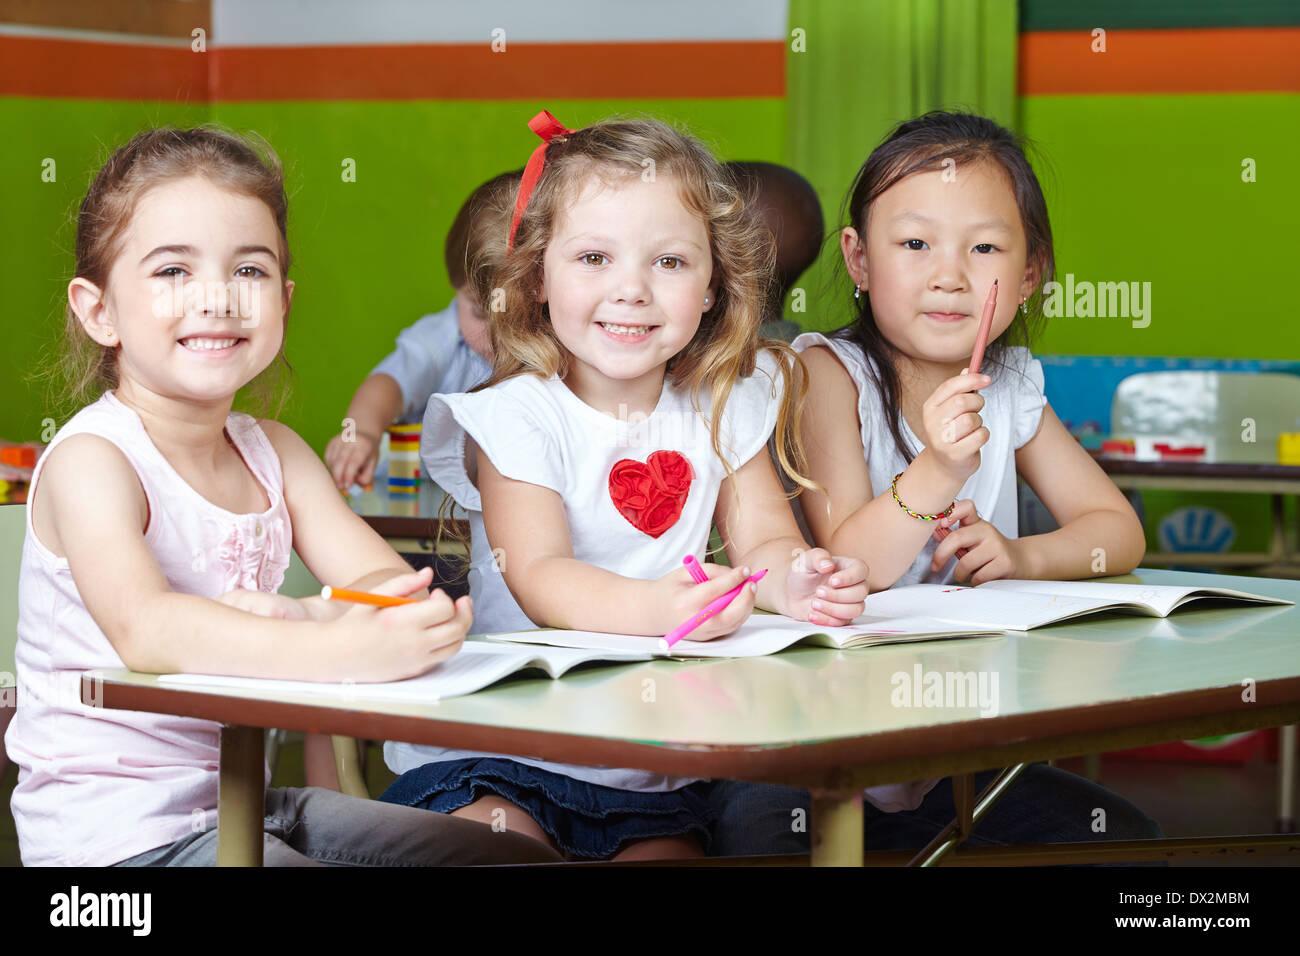 Muchos Niños Felices En El Kindergarten De Dibujo Con